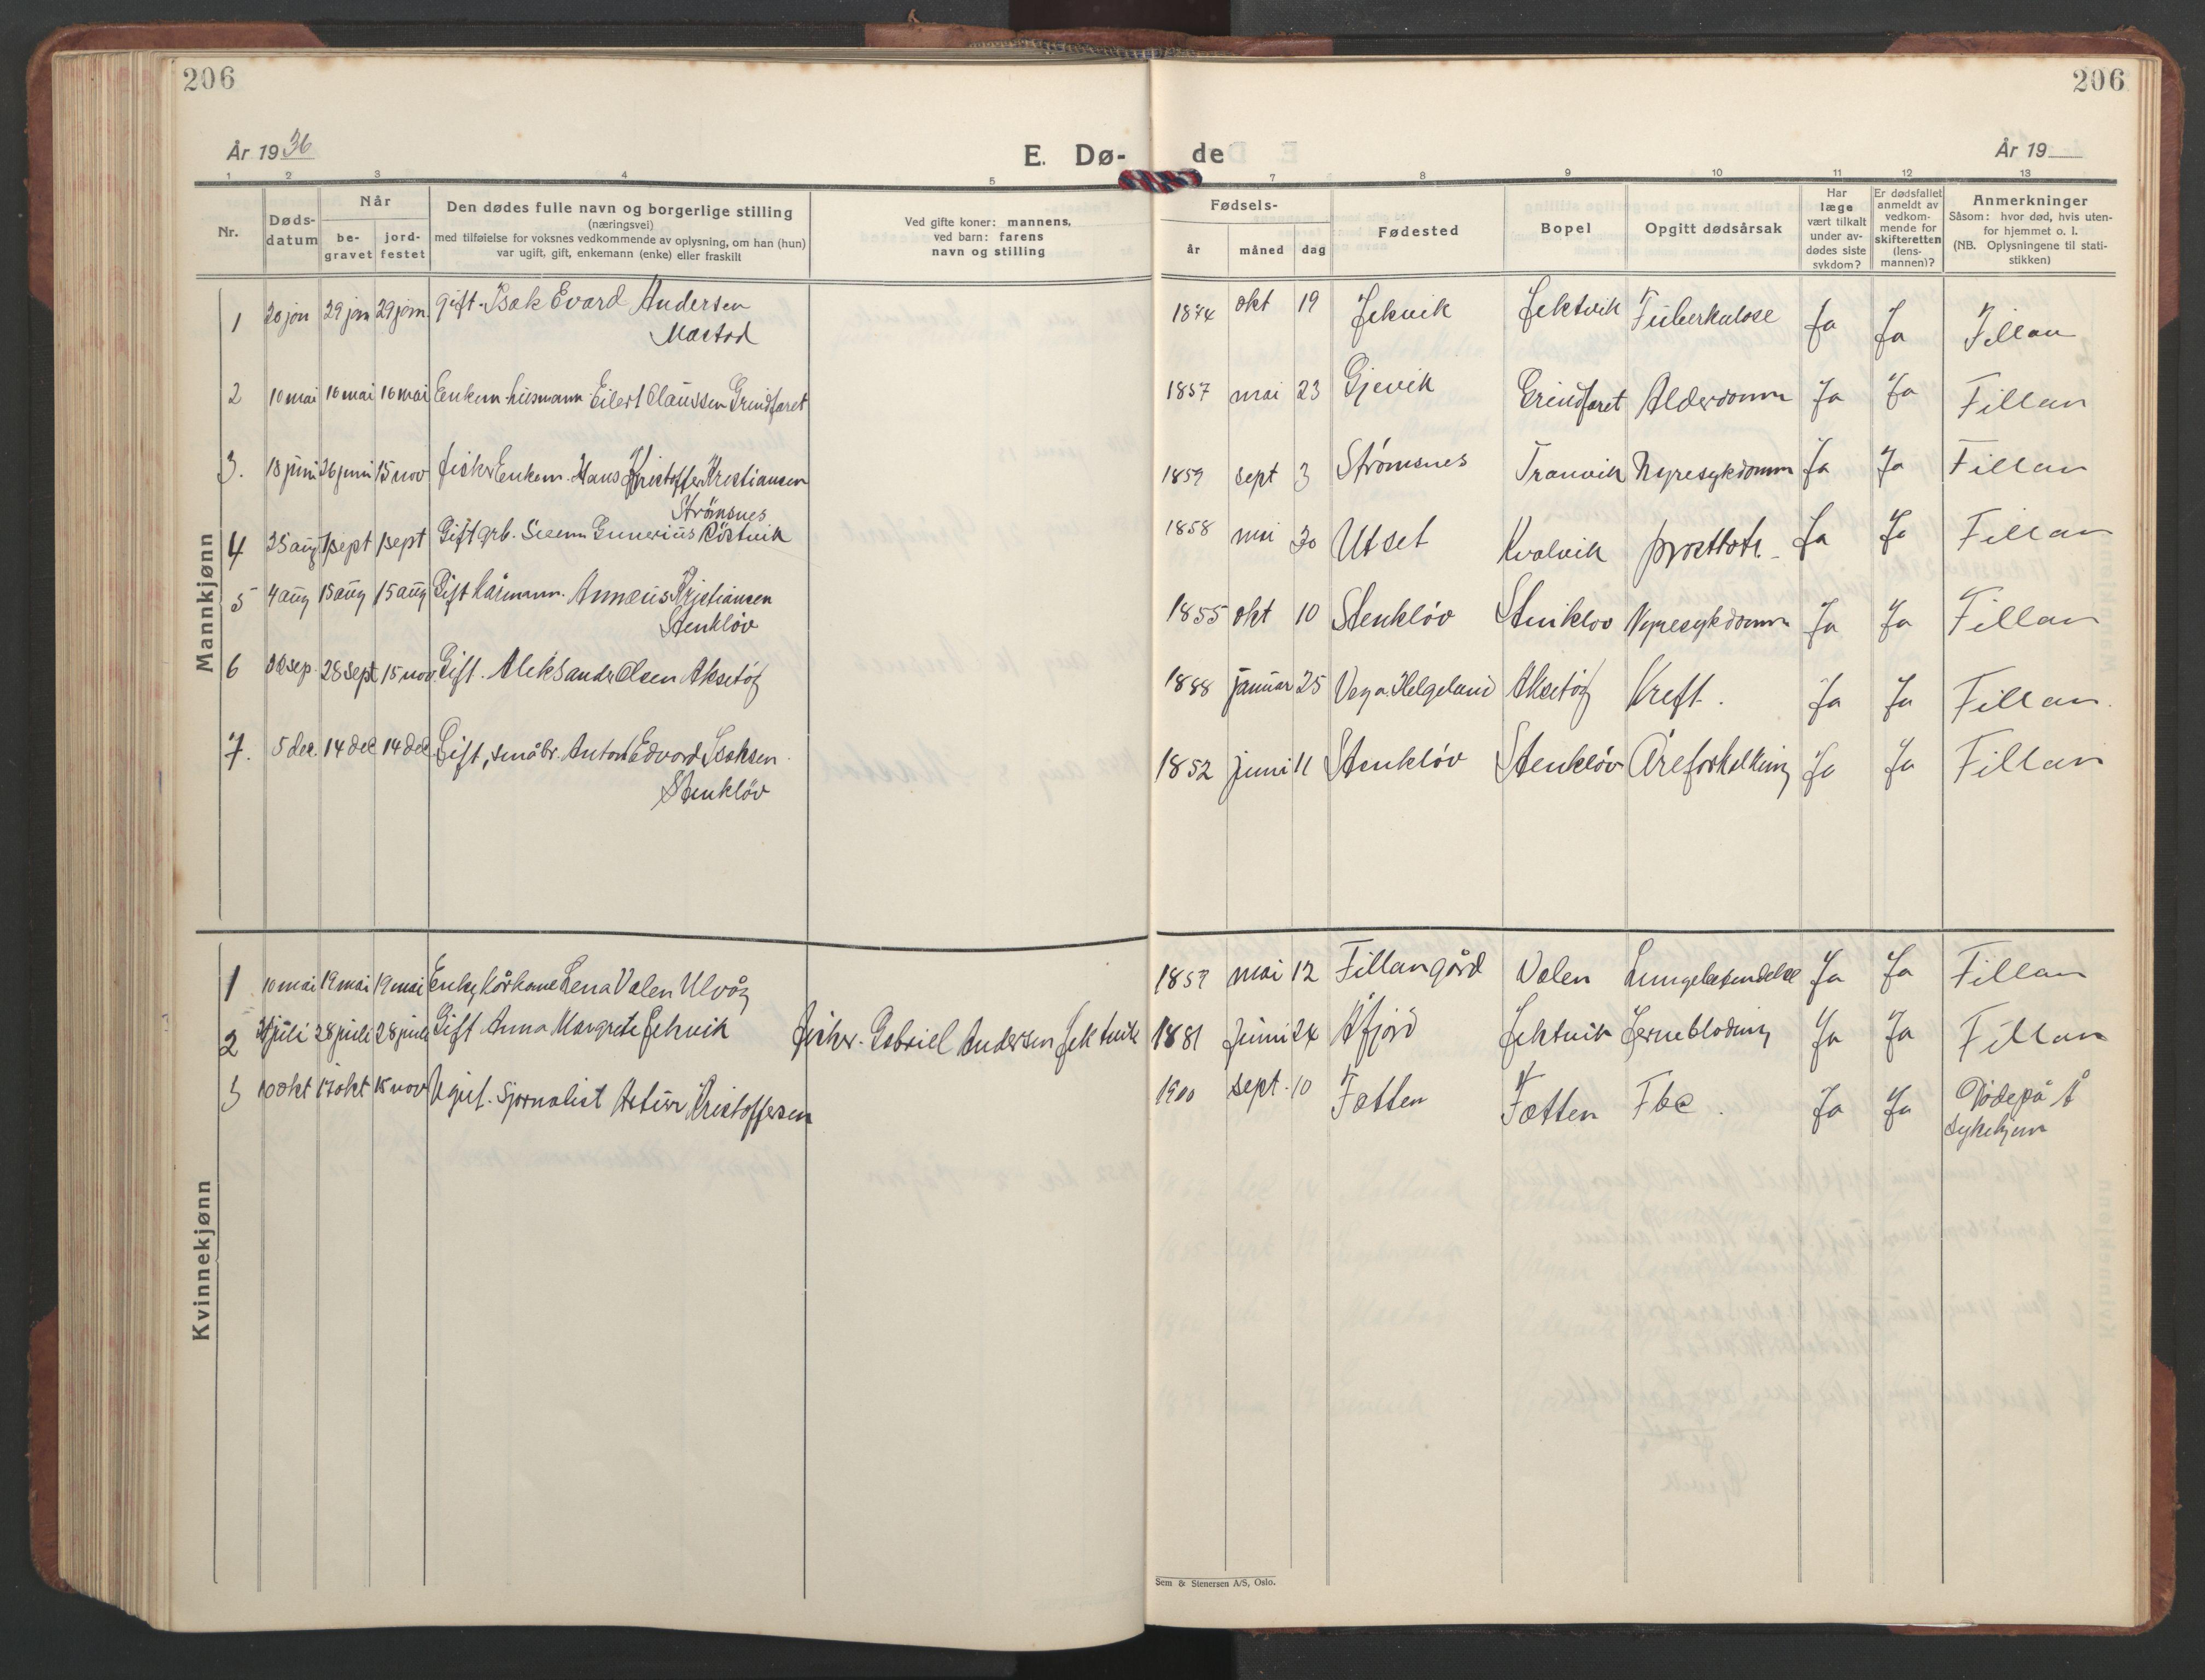 SAT, Ministerialprotokoller, klokkerbøker og fødselsregistre - Sør-Trøndelag, 637/L0564: Klokkerbok nr. 637C05, 1928-1968, s. 206